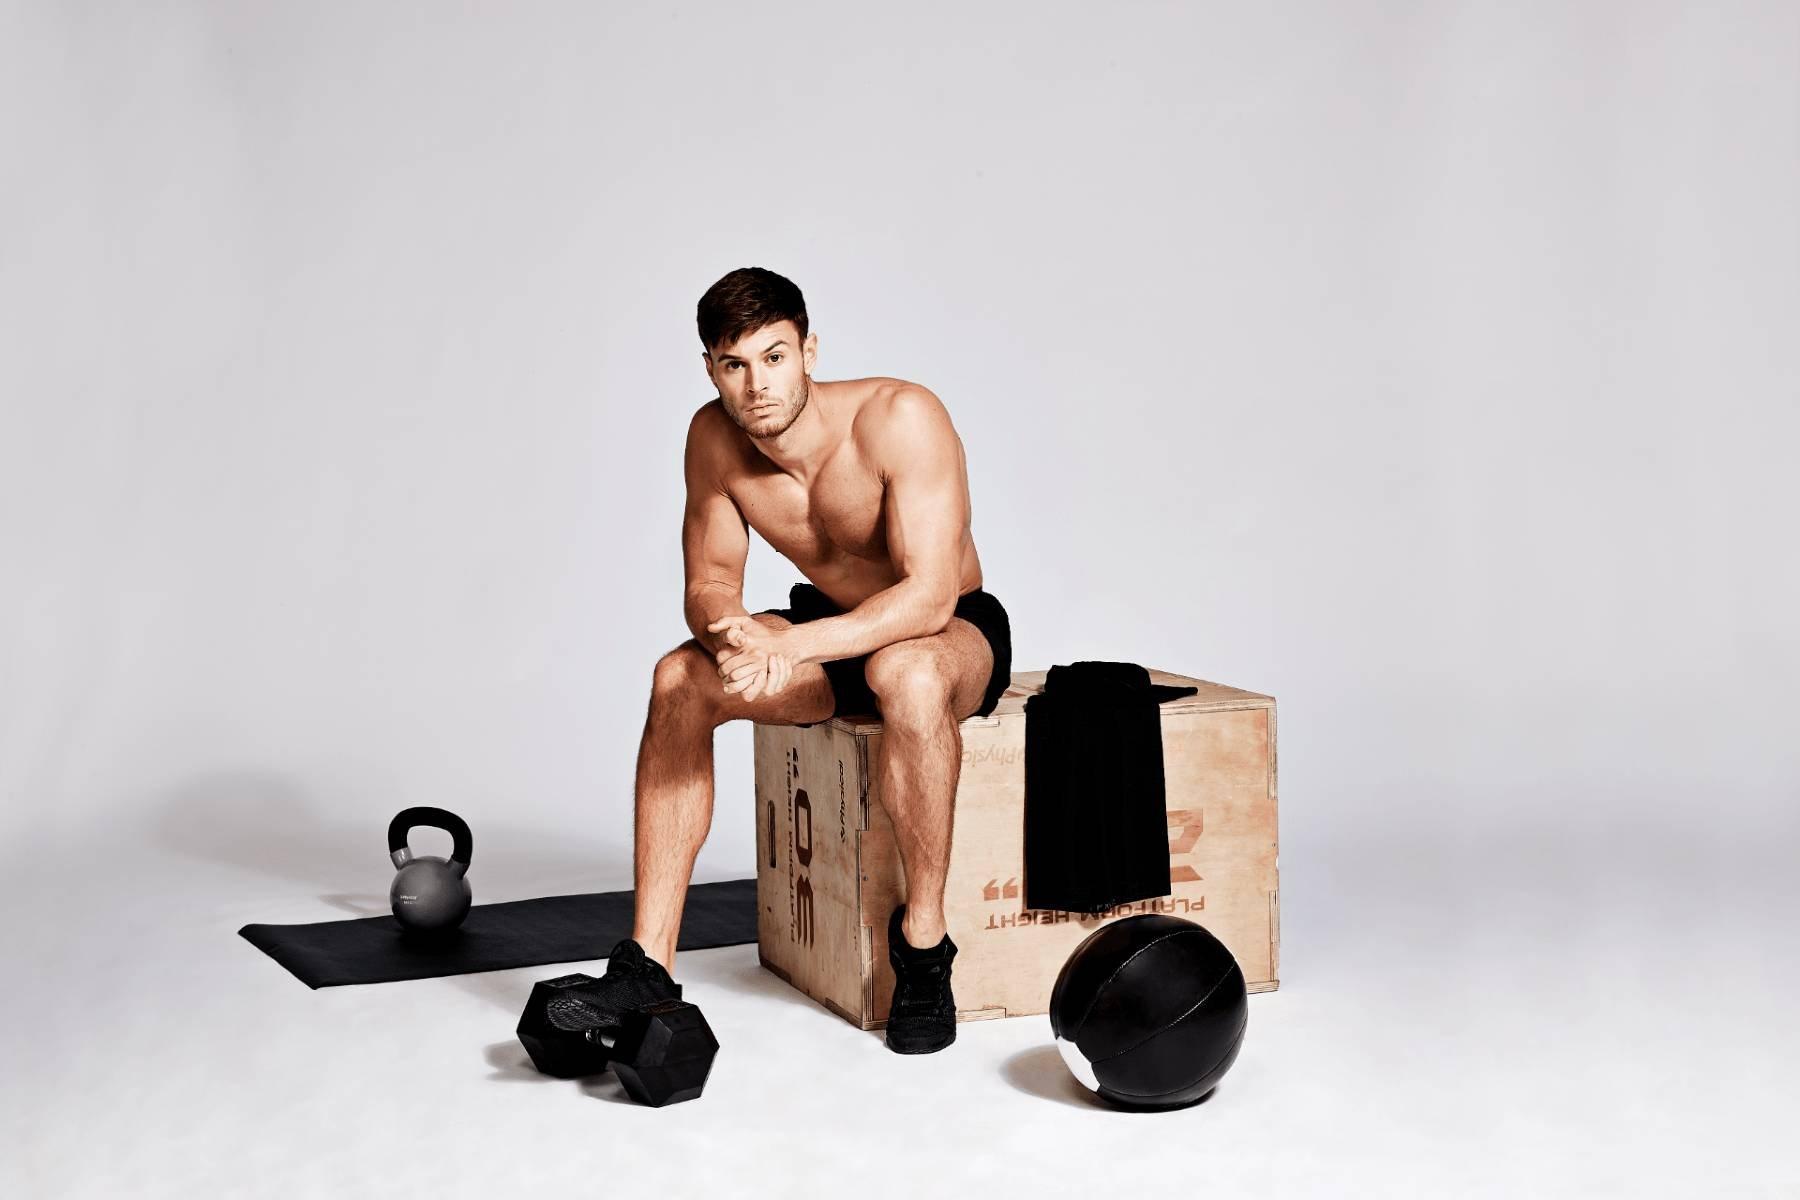 Training von zu Hause aus | Alex Beattie's 4 Übungen für ein Oberkörper-Workout